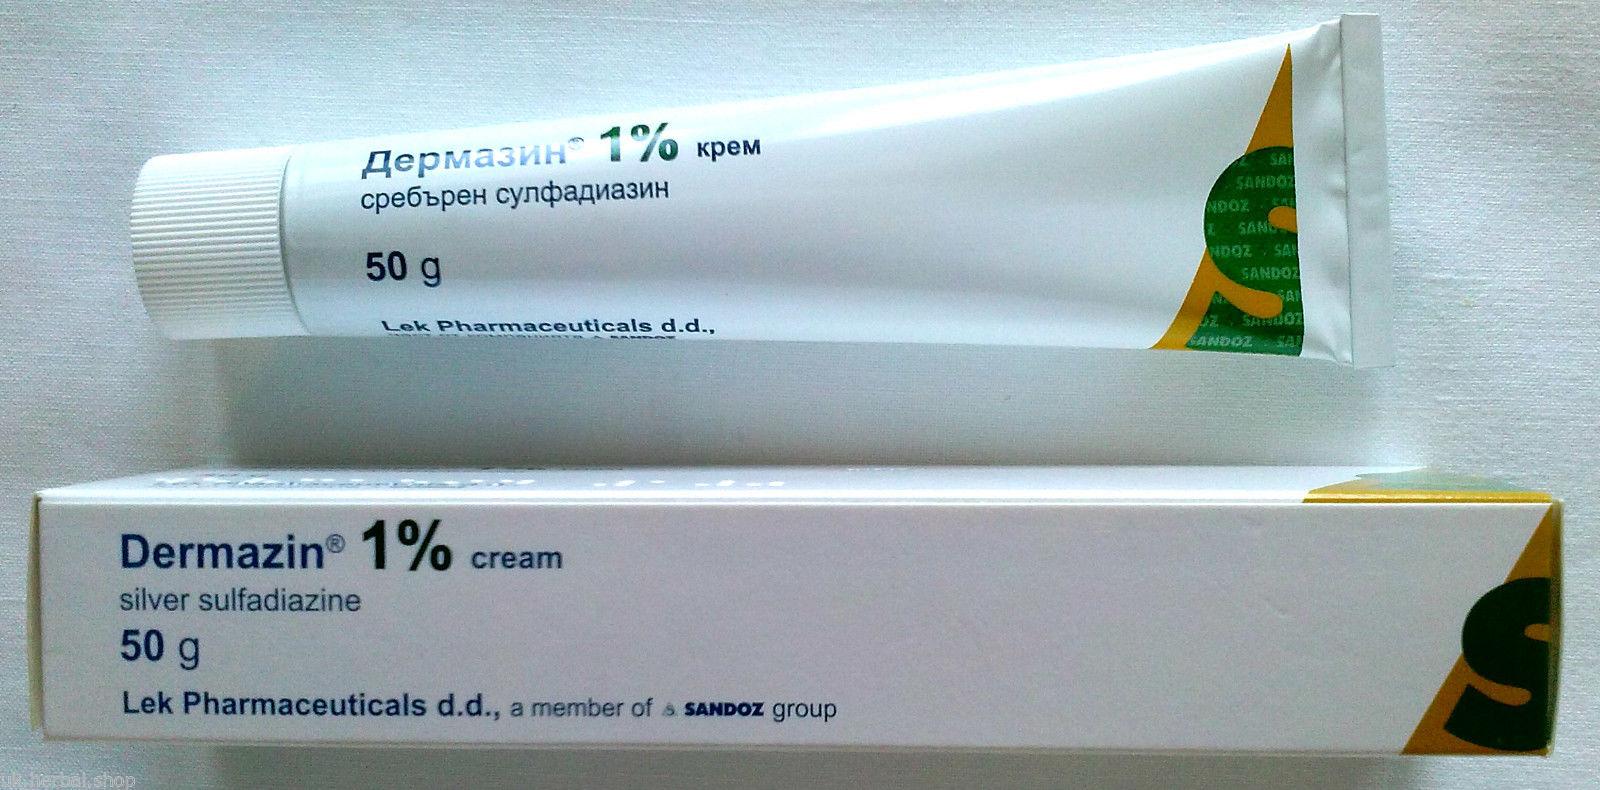 DERMAZIN 1% CREAM 50 G